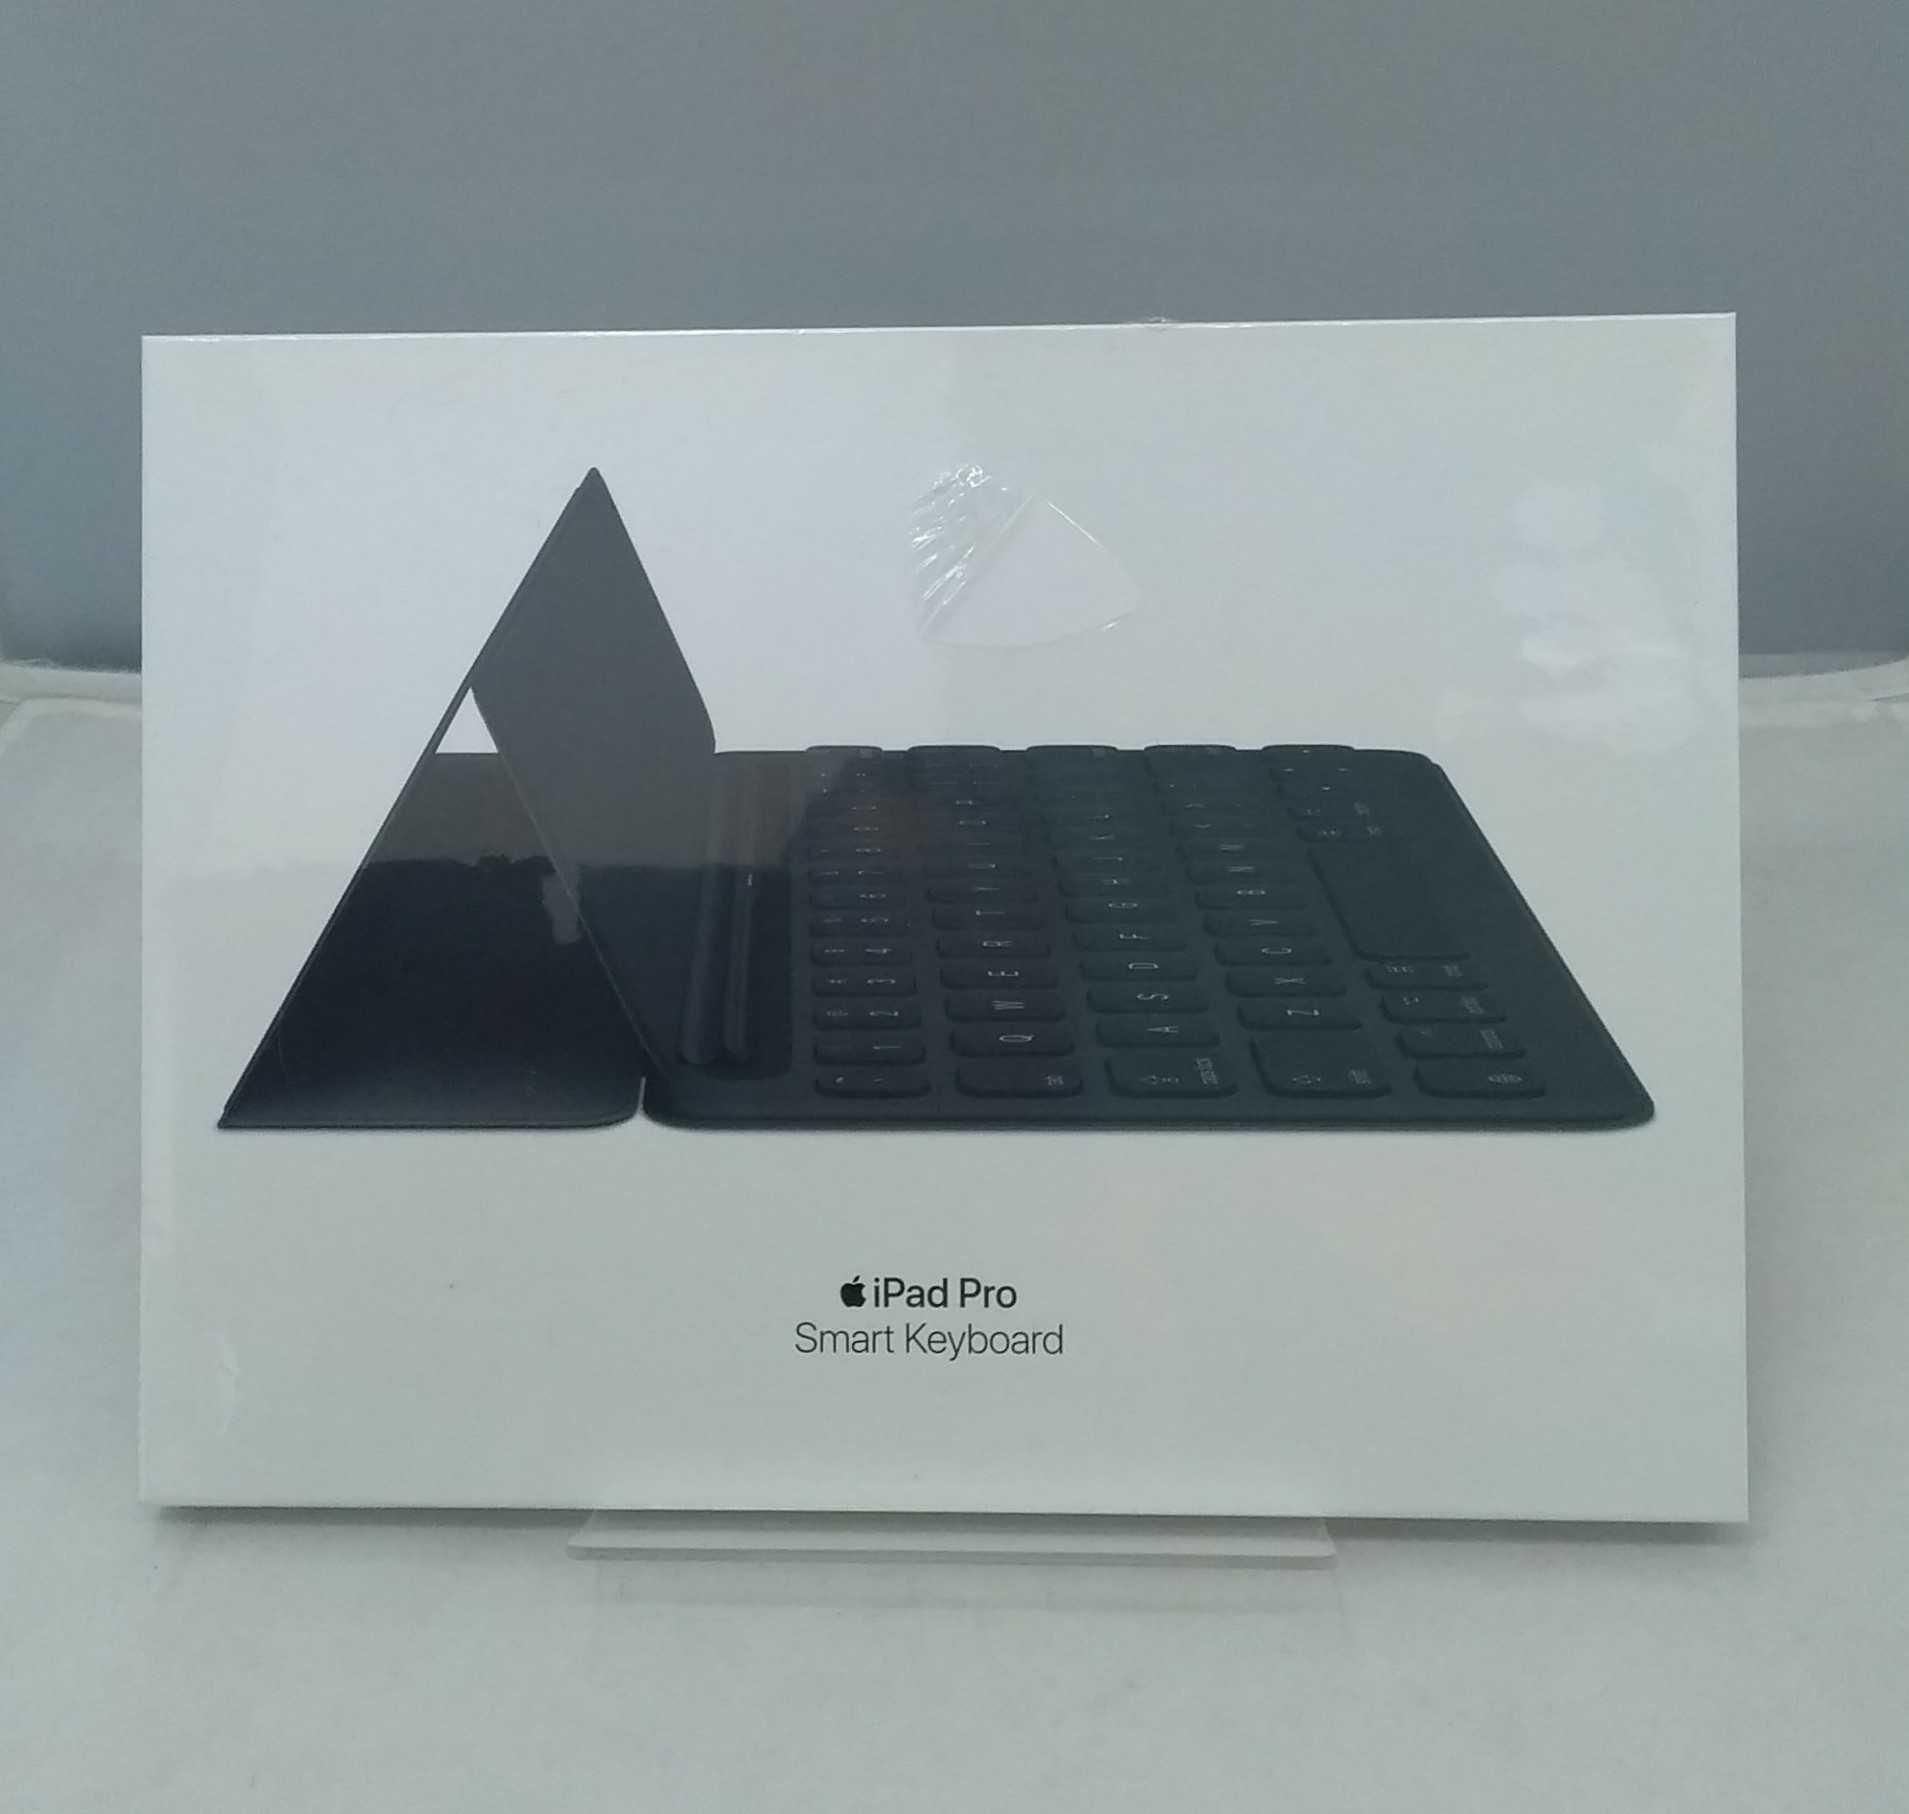 【未開封品】スマートキーボード APPLE